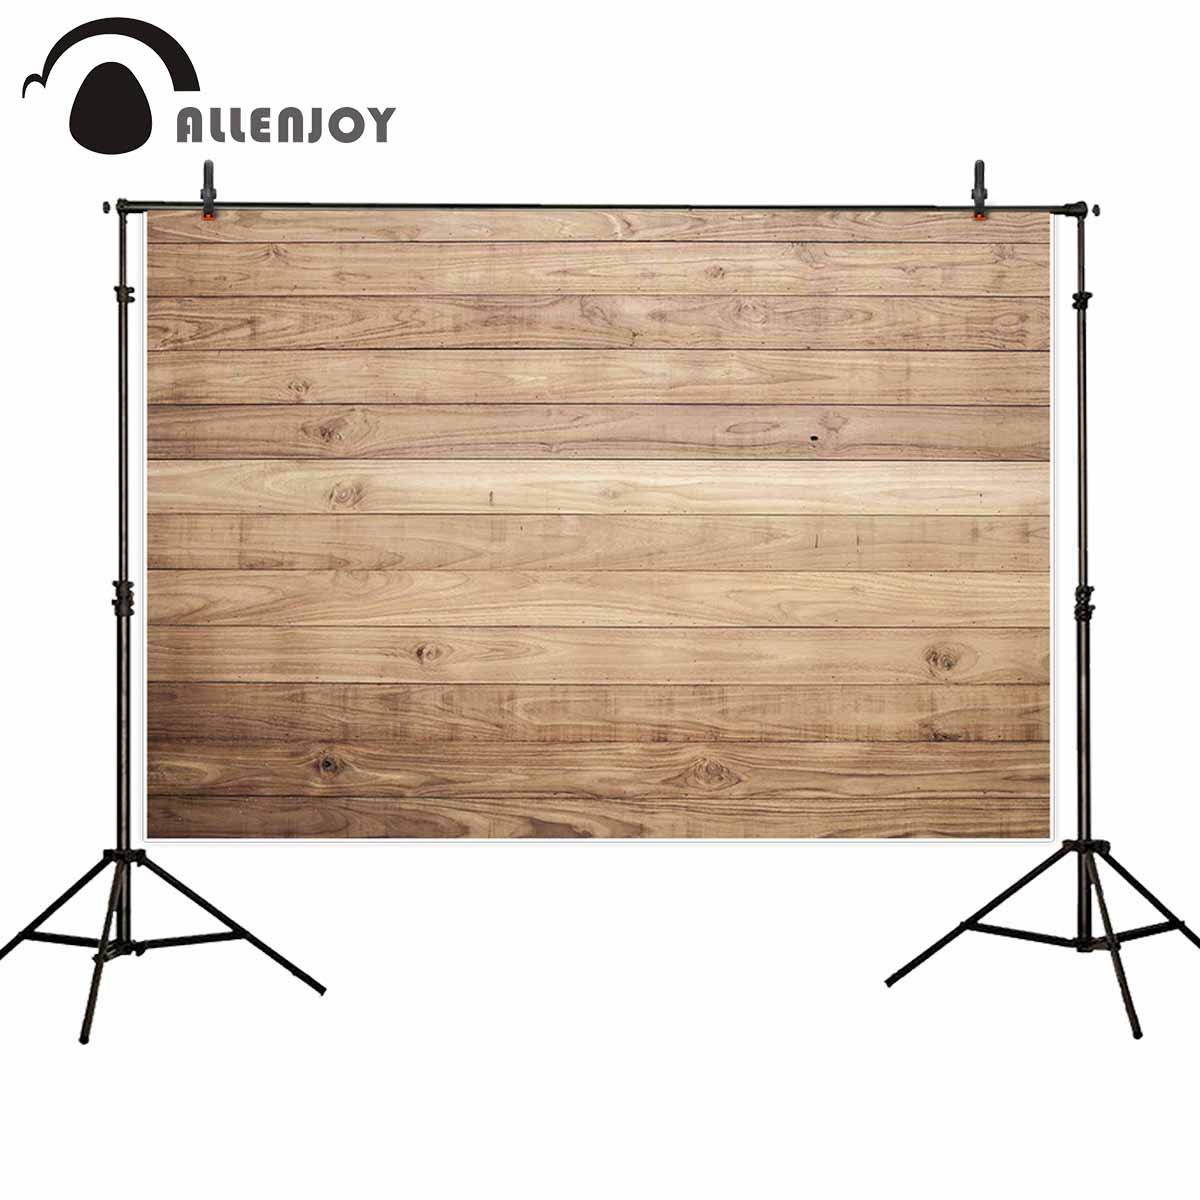 Allenjoy achtergrond voor fotostudio bruin houten plank muur textuur - Camera en foto - Foto 1